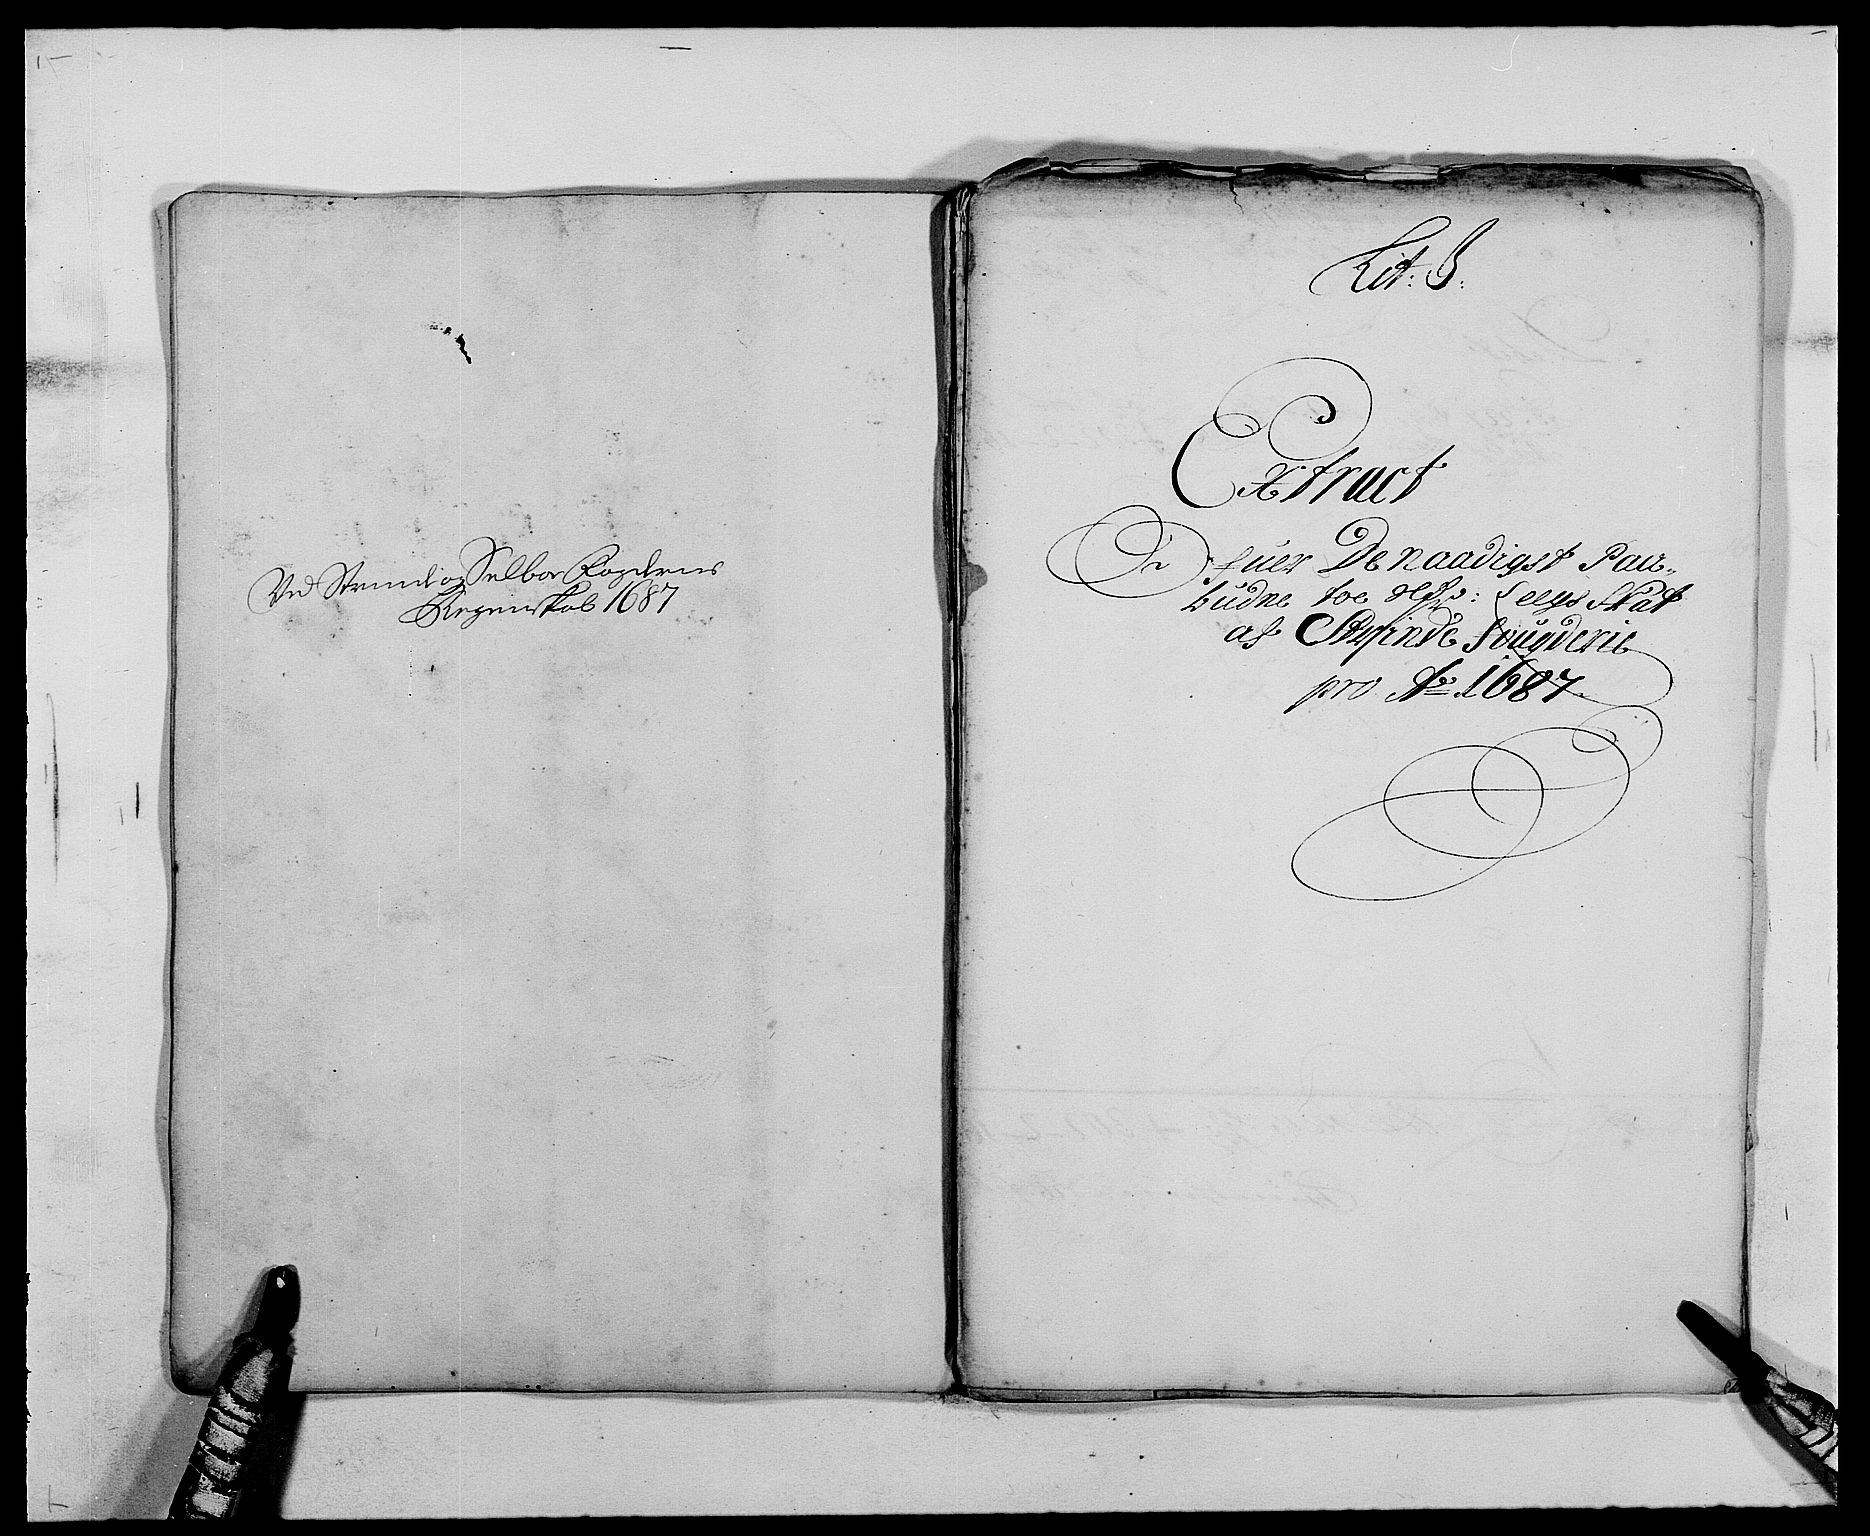 RA, Rentekammeret inntil 1814, Reviderte regnskaper, Fogderegnskap, R61/L4101: Fogderegnskap Strinda og Selbu, 1687-1688, s. 83